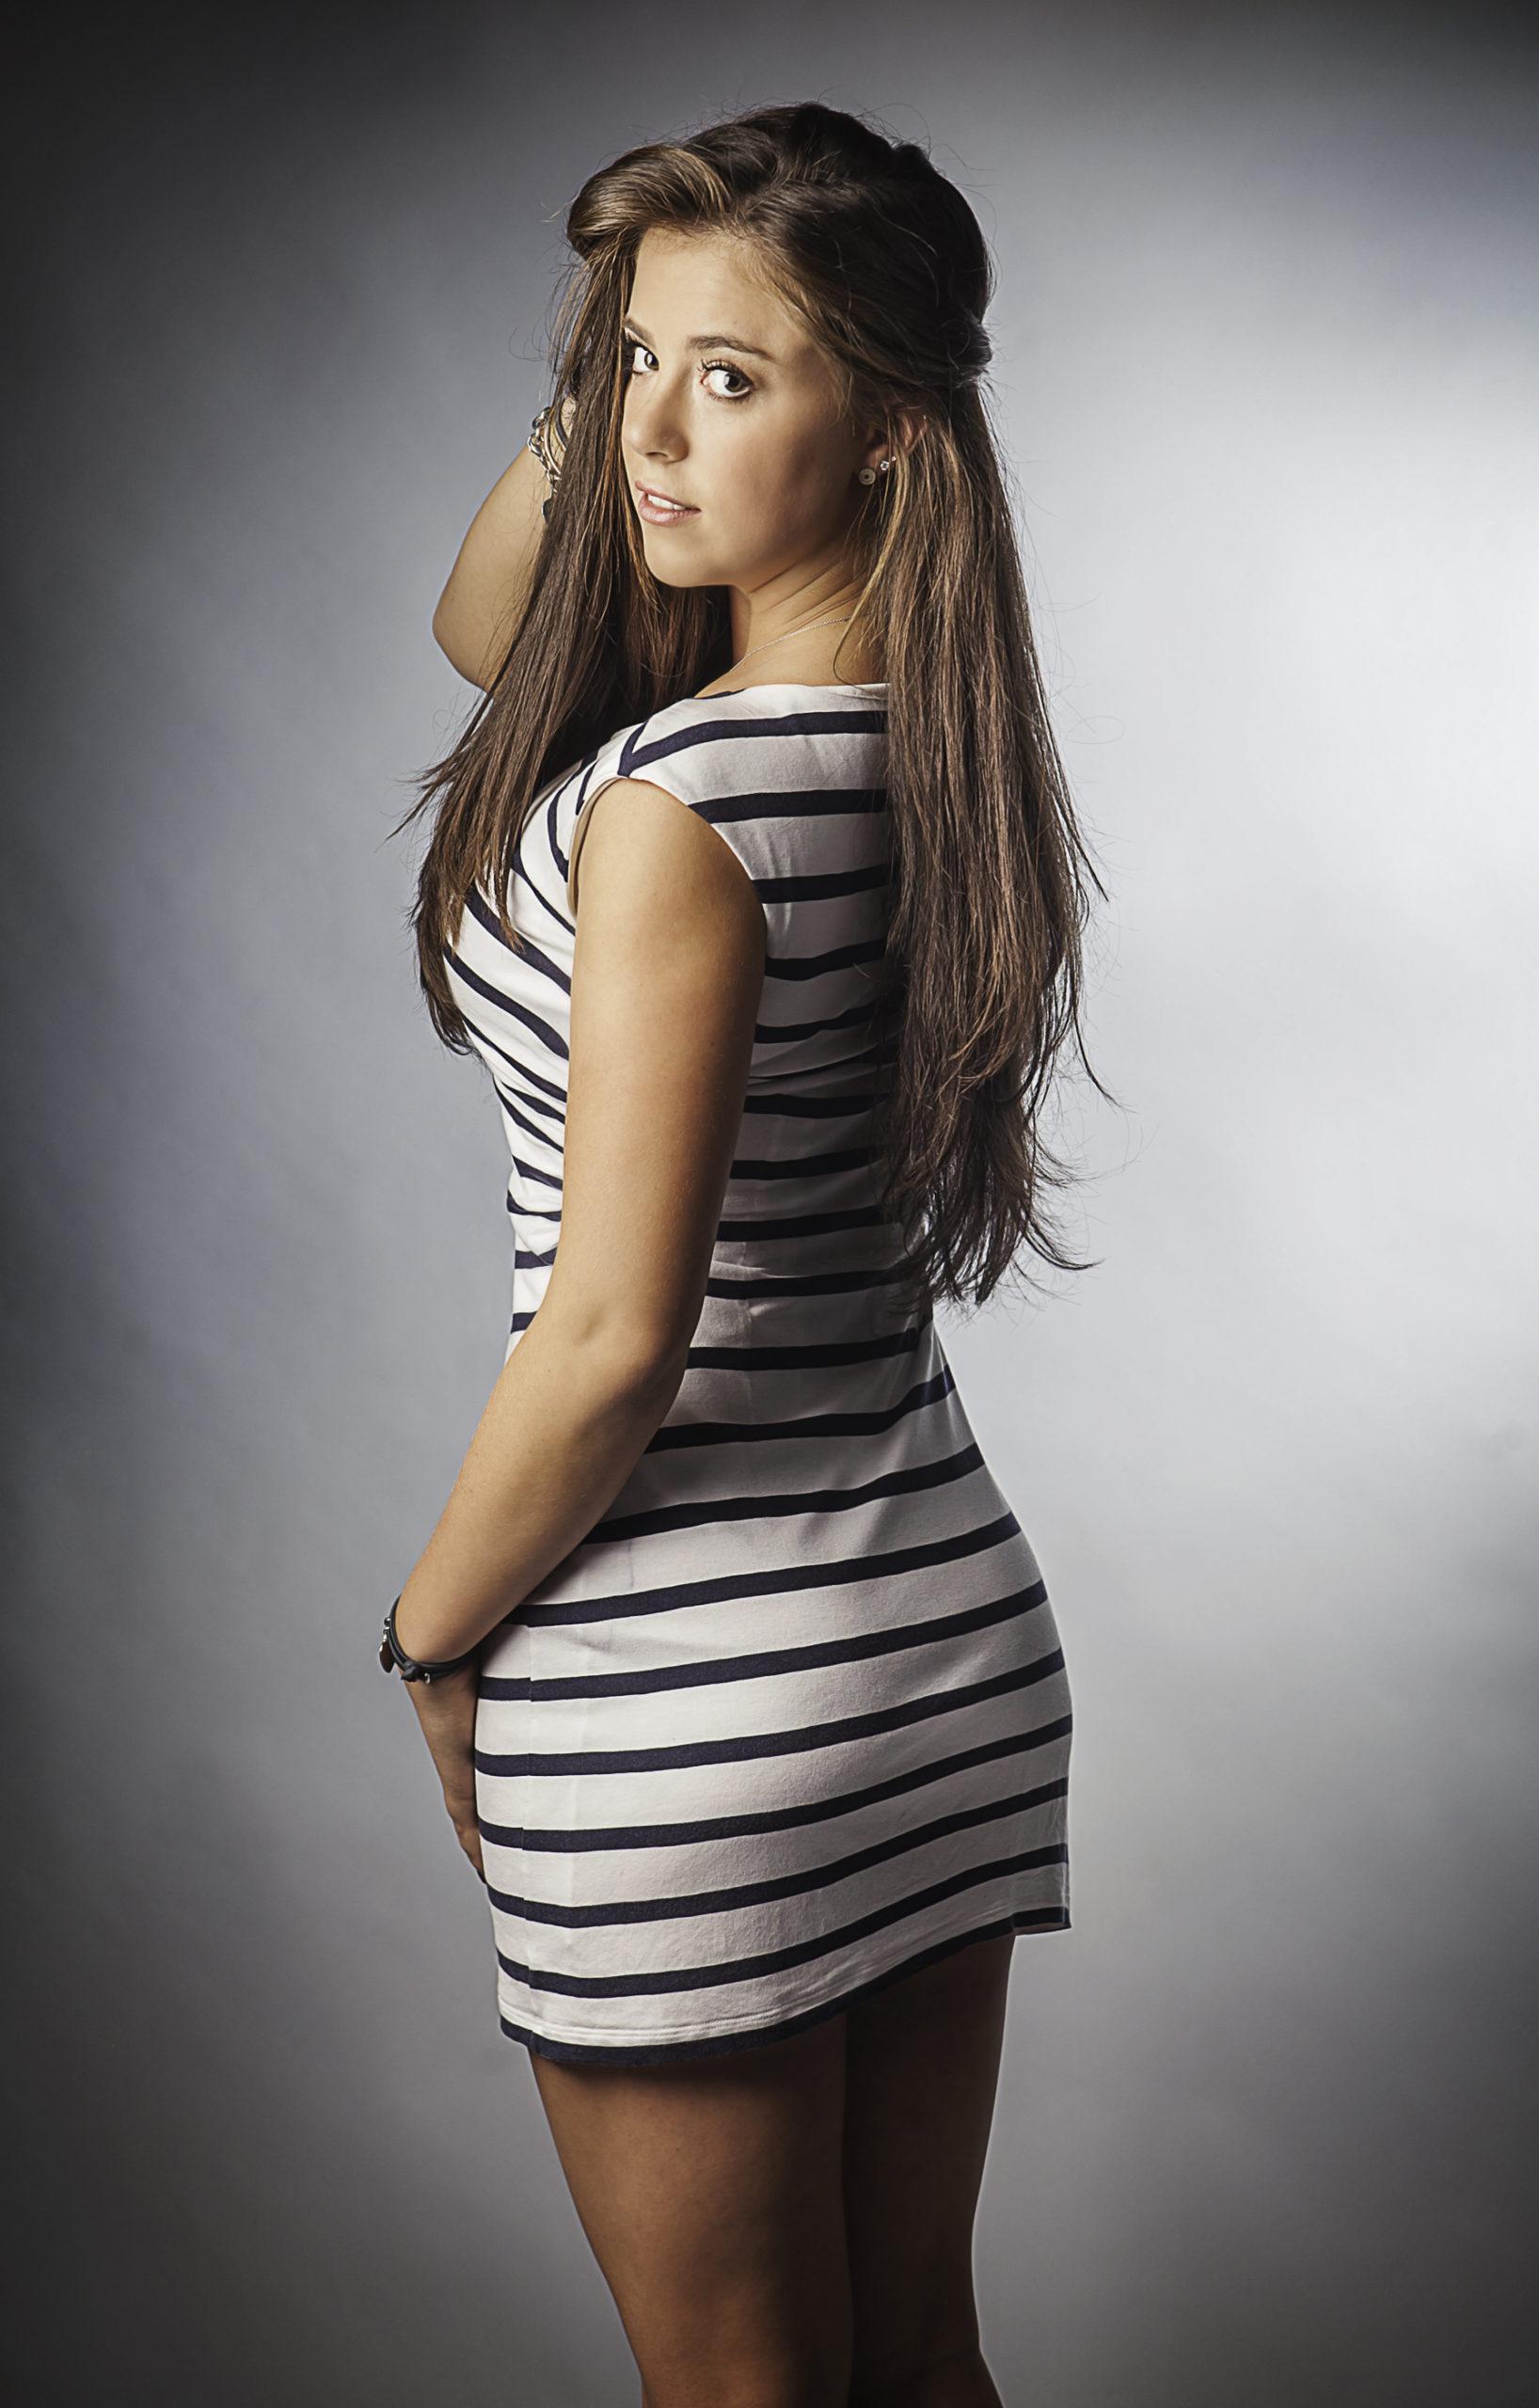 Women Wrestling Photos - Scarlett Squeeze - Female Wrestling Channel